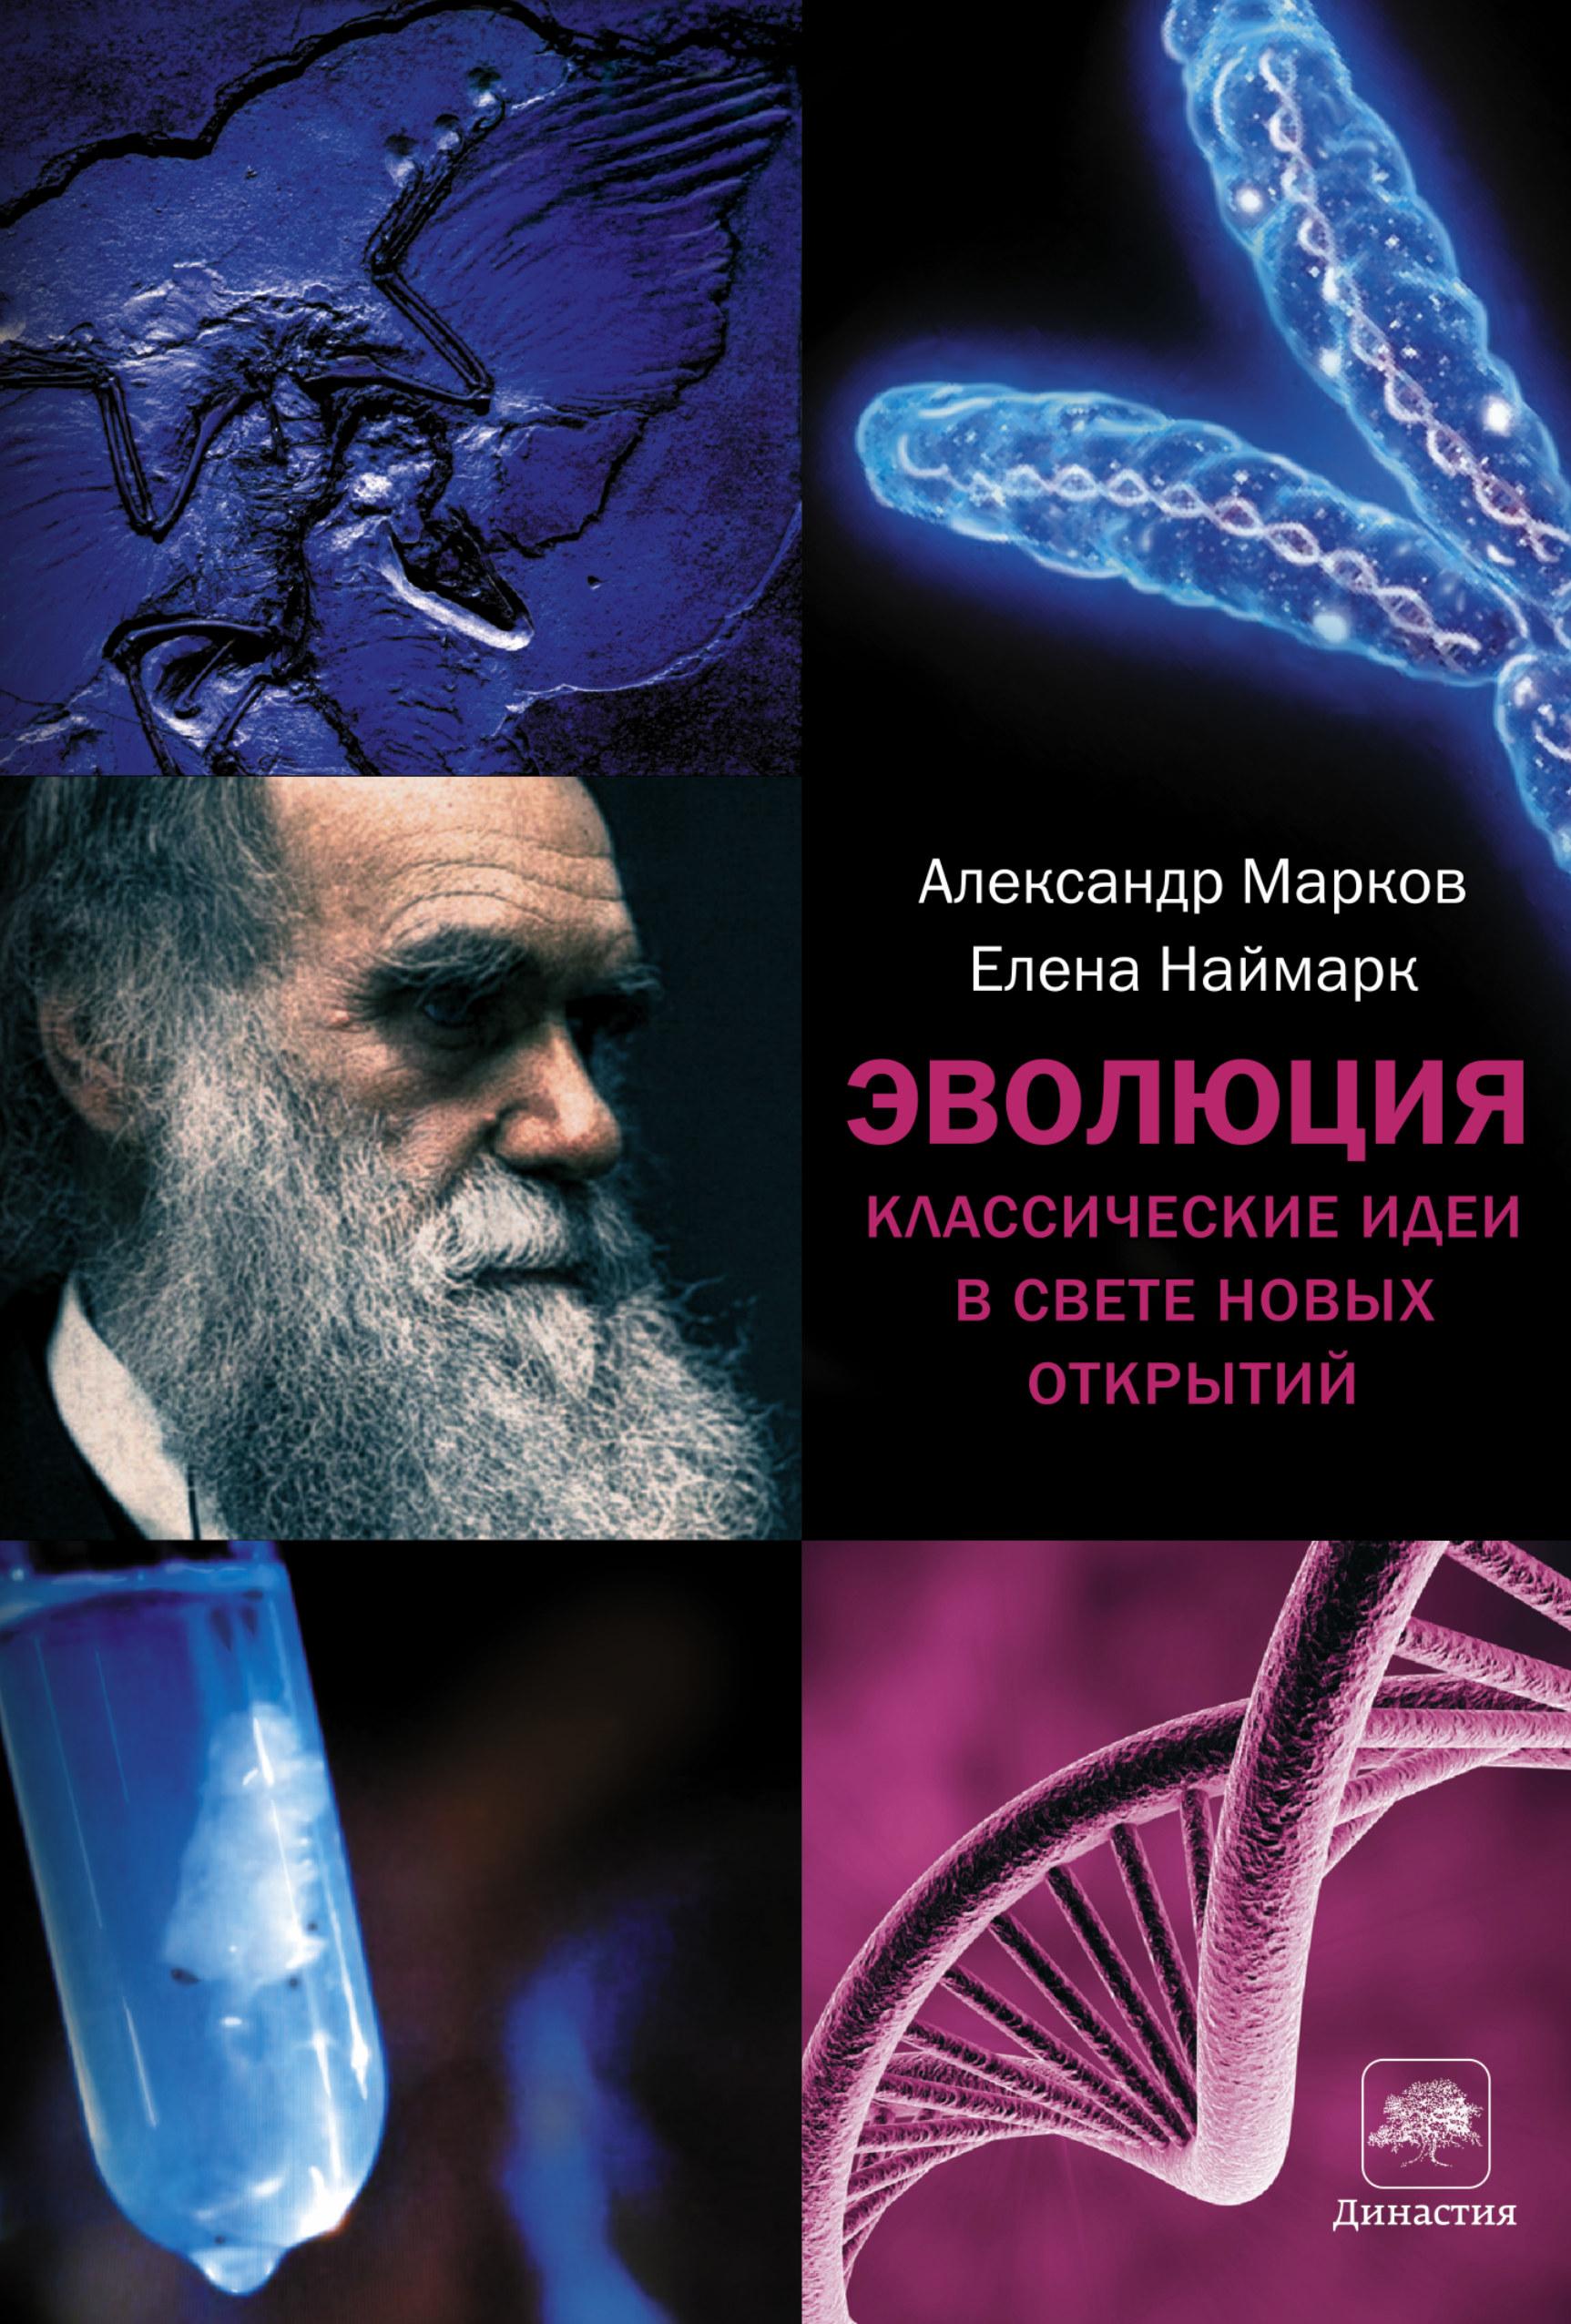 Эволюция. Классические идеи в свете новых открытий от book24.ru